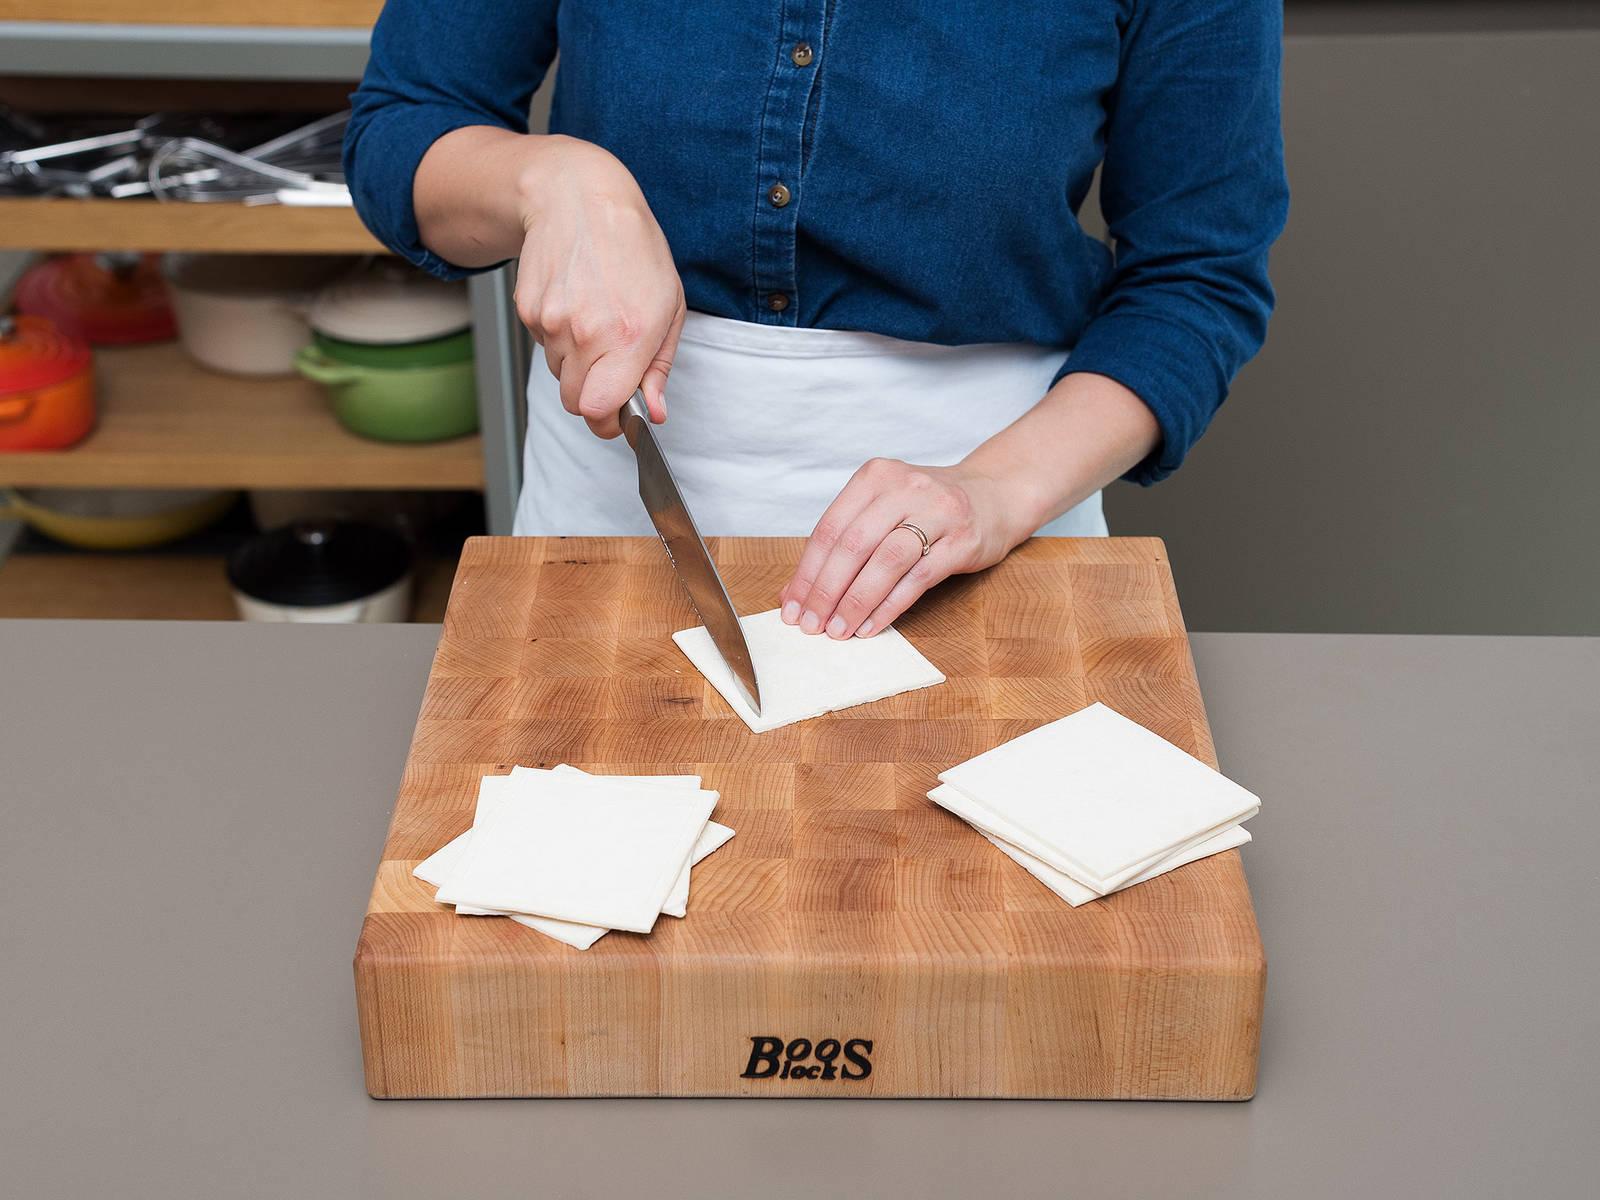 将千层酥皮对半切成方形,用尖刀在每片酥皮两面划一道口子,离边缘要有1厘米。